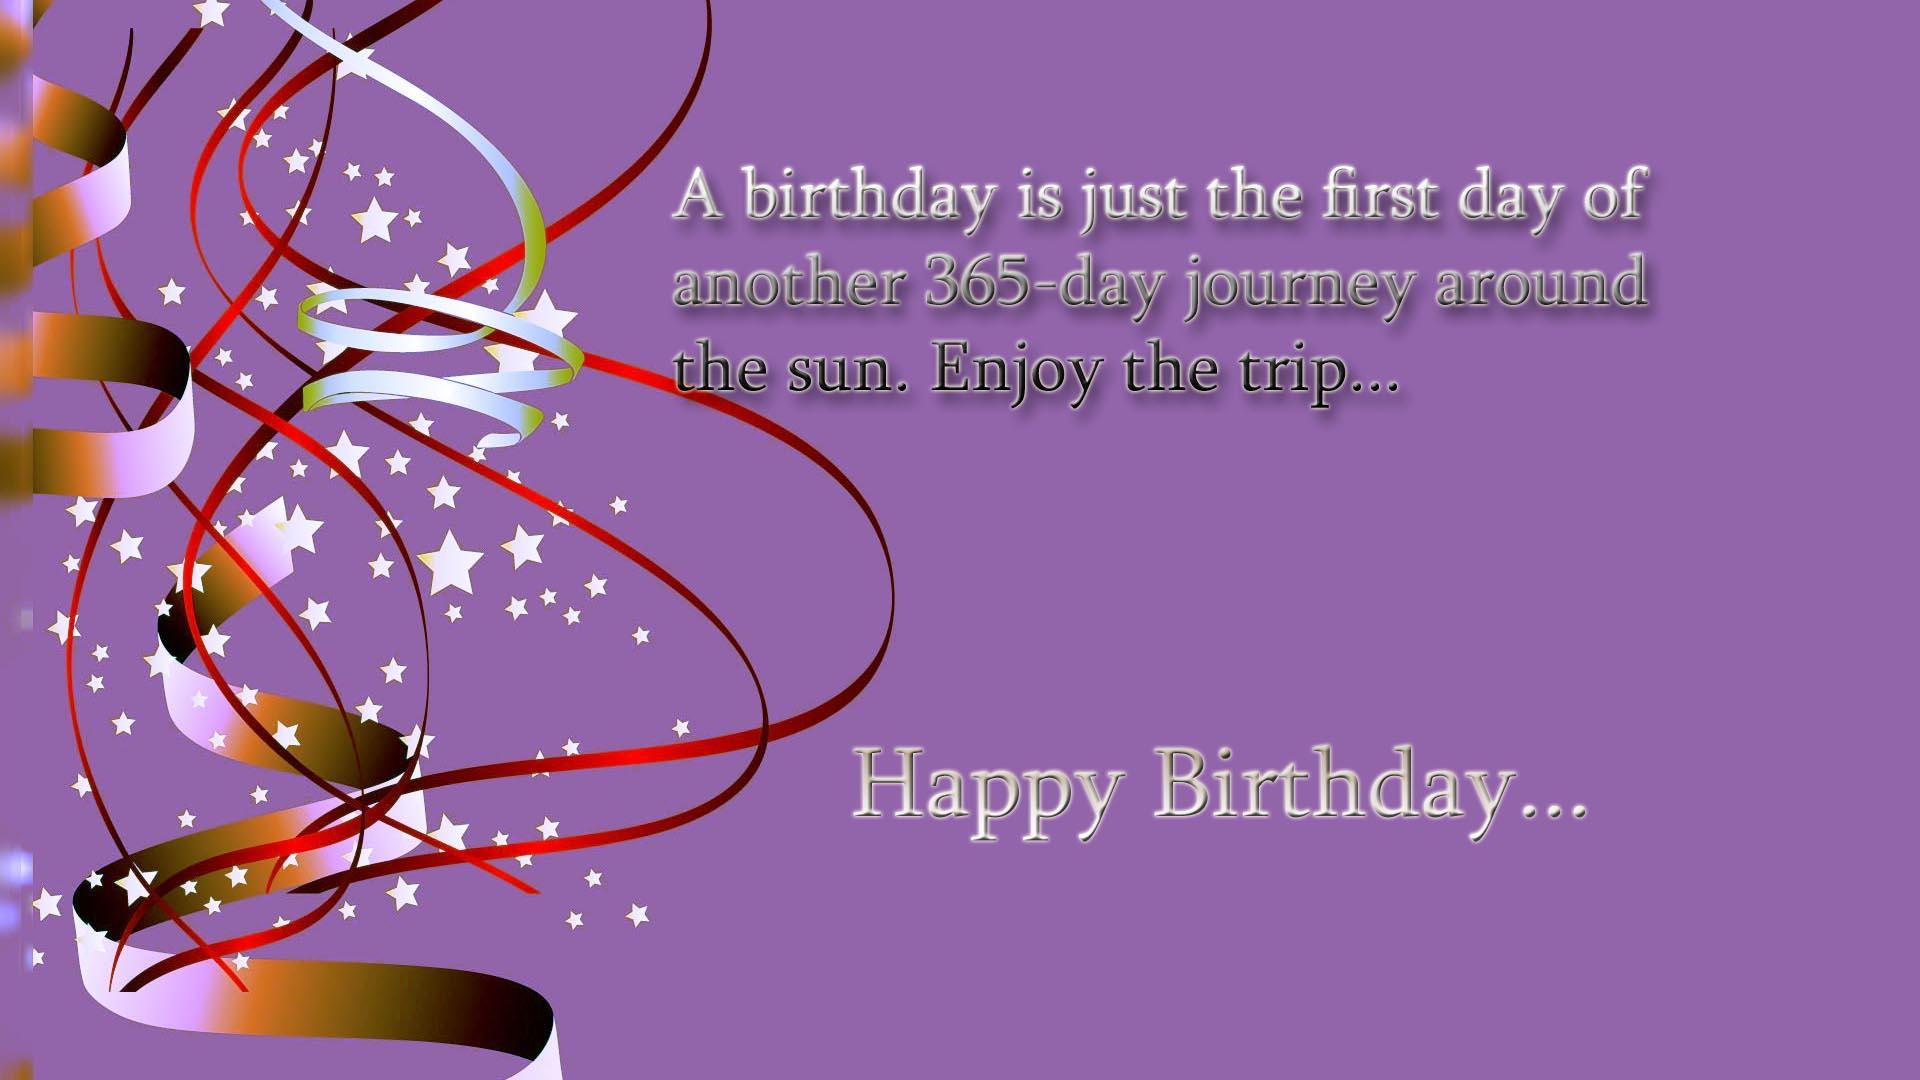 Поздравительные открытки с днем рождениям на английском языке, колясками новорожденных